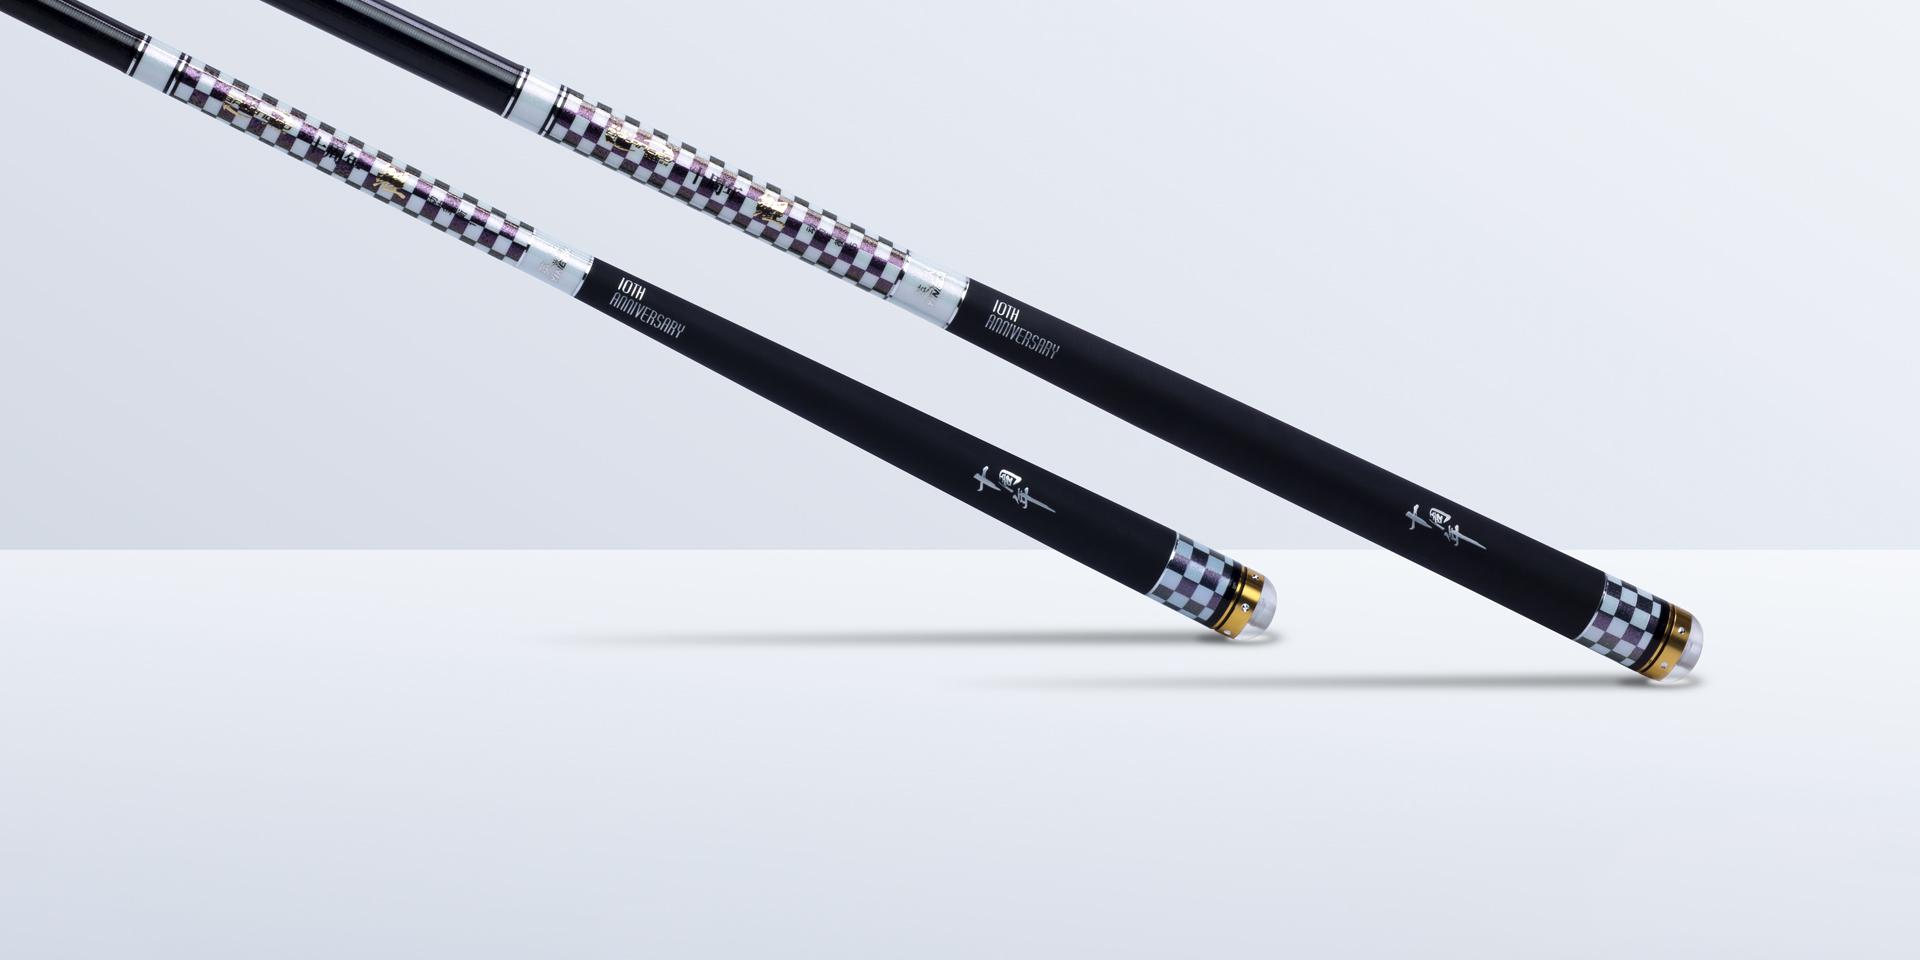 高级橡胶防滑手把,握感舒适,搭配合金嵌钻工艺水晶(前)后堵可360°旋转隐藏失手环(此项已获得国家专利保护)。